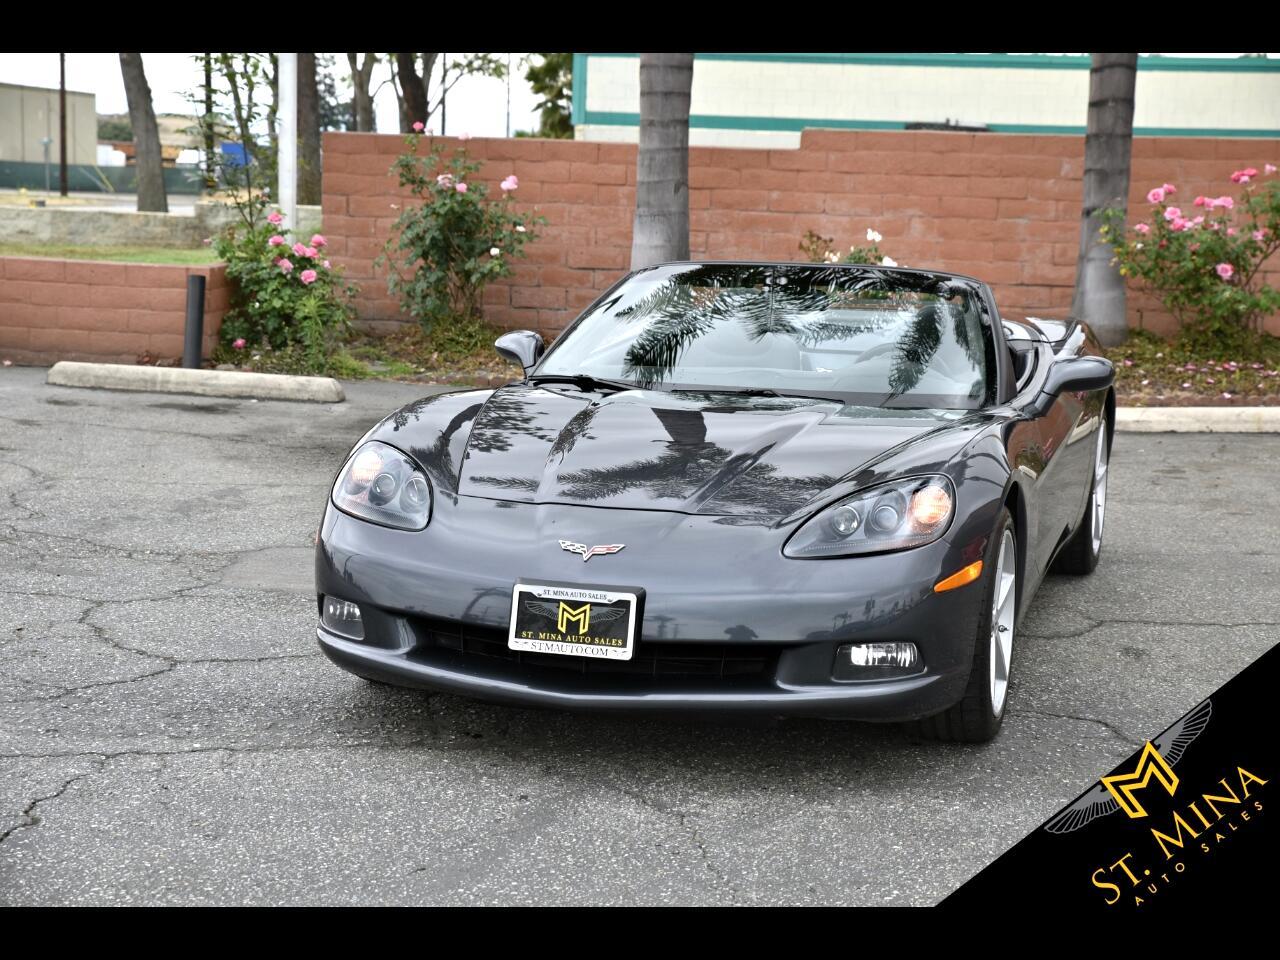 2013 Chevrolet Corvette 1LT Coupe Automatic